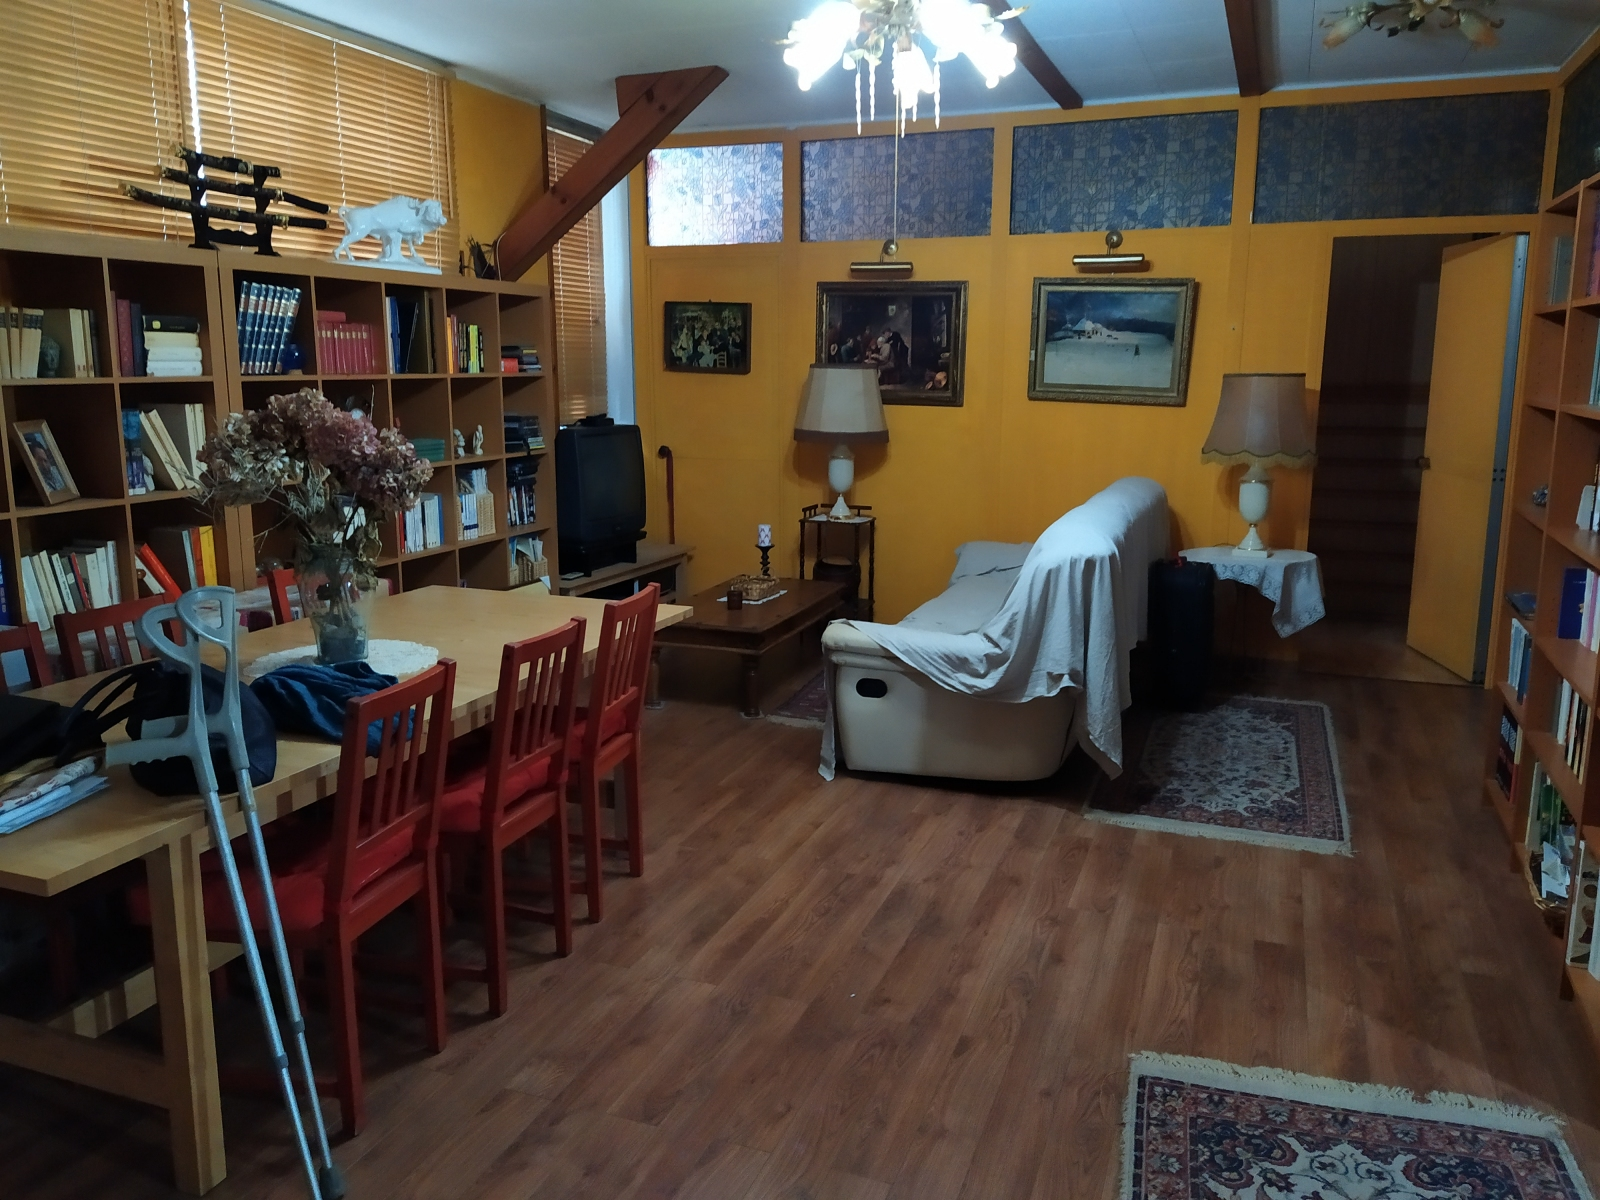 appartamento-loft-in-vendita-milano-provincia-buccinasco-naviglio-grande-spaziourbano-immobiliare-vende-3-locali-open-space-5